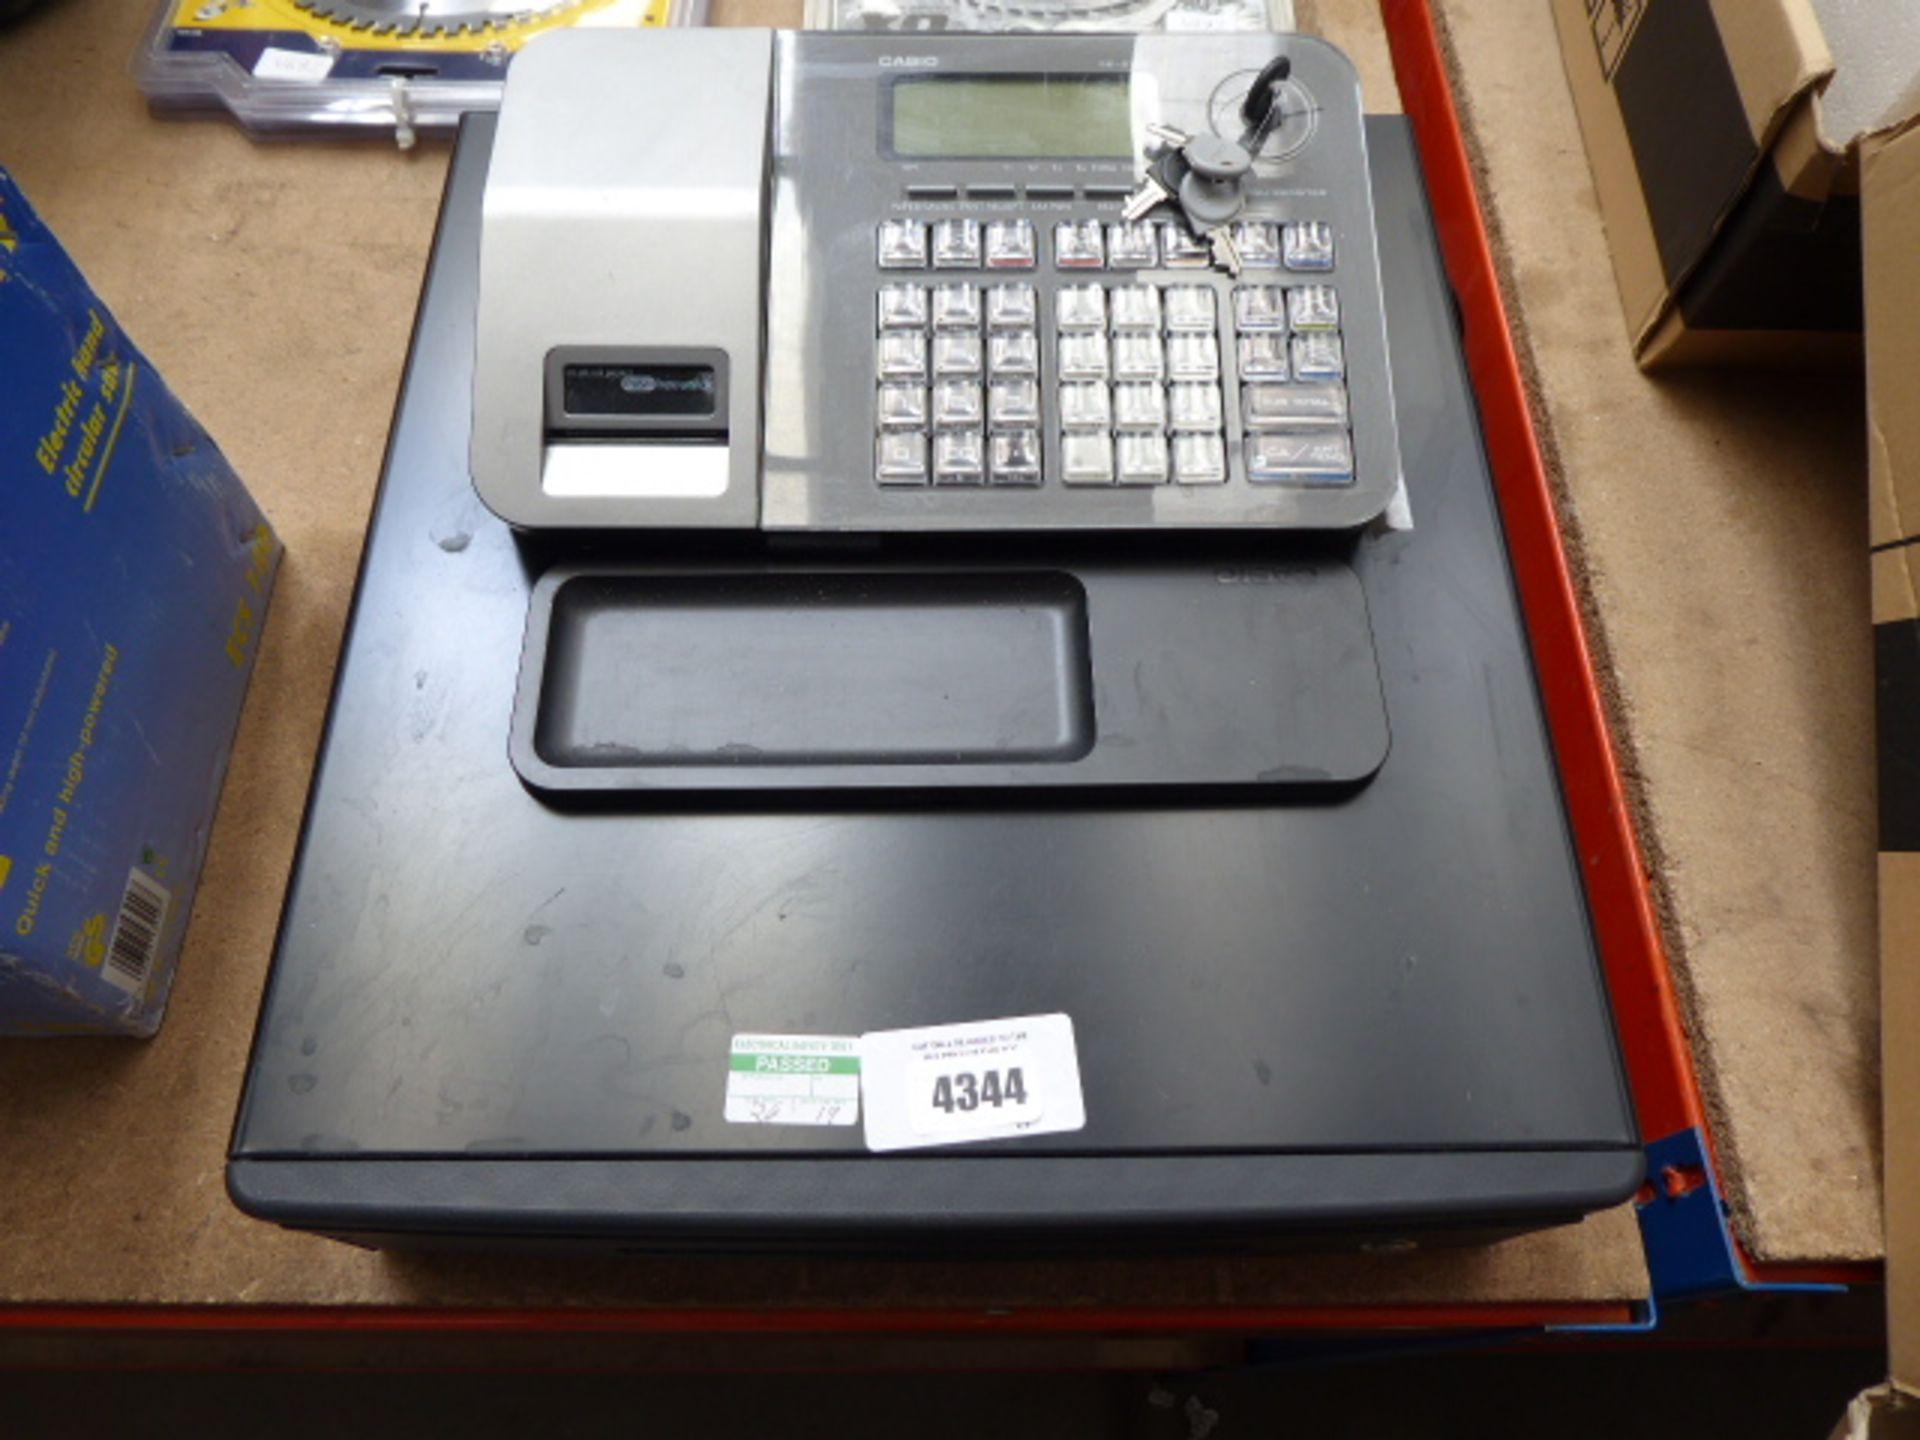 Lot 4344 - Casio cash register